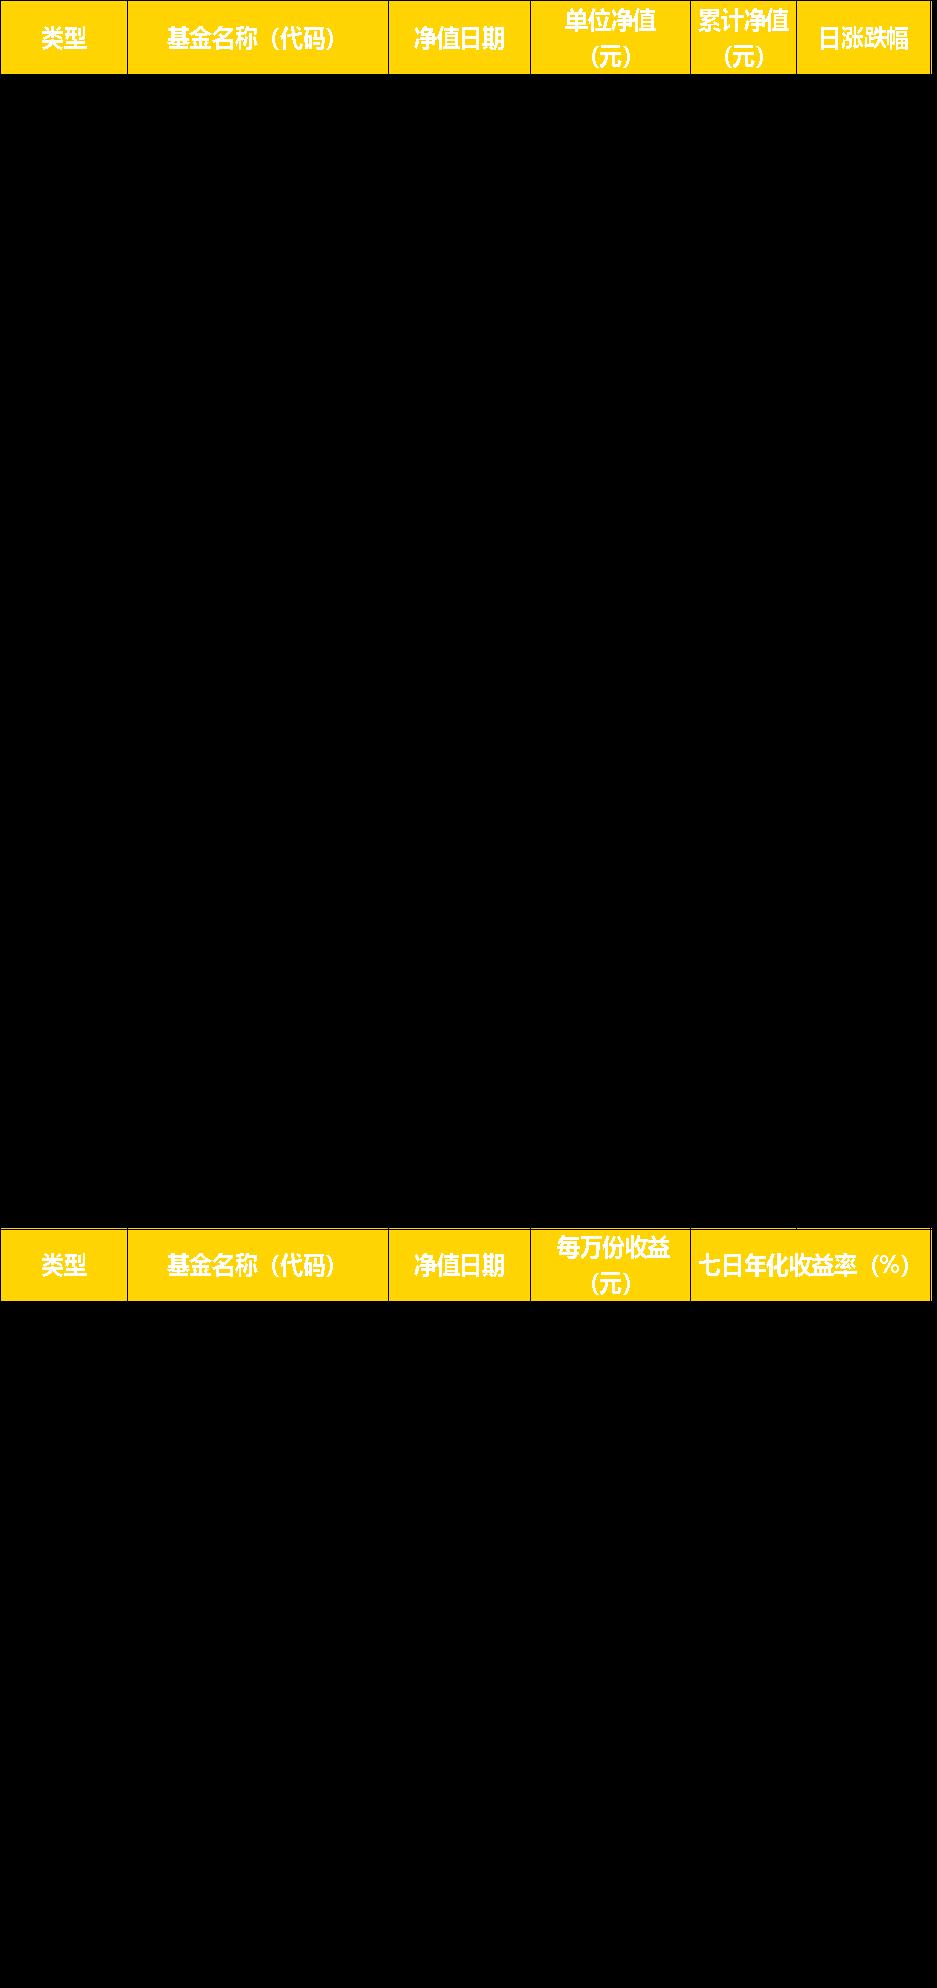 兴•料 | 8月社融超预期!